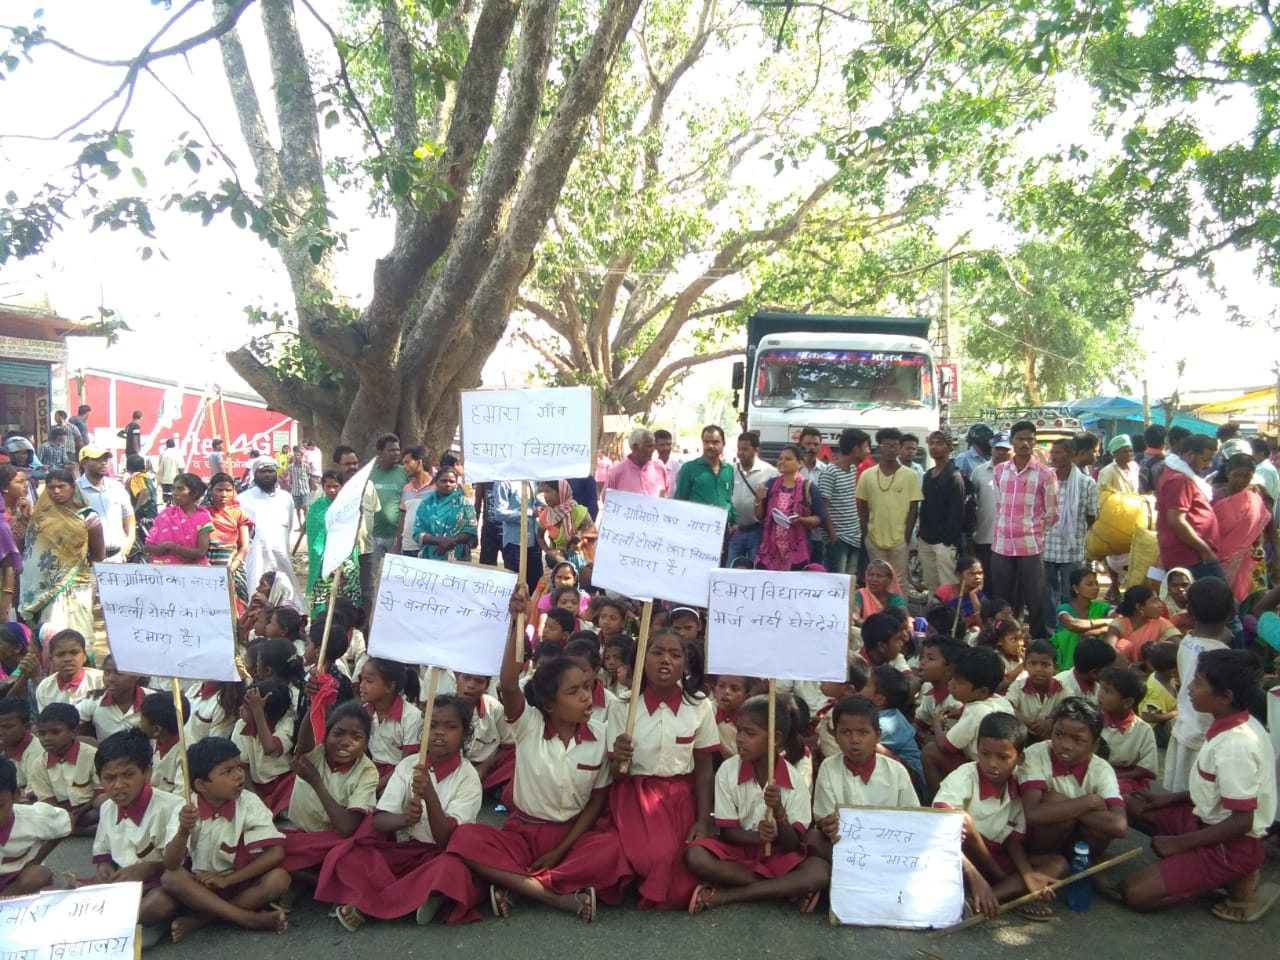 <p>गुमला के सोसो मोड़ के पास स्कूल के बच्चे एक घण्टे से सड़क जाम किए हुए हैं। स्कूल को मर्ज करने का विरोध कर रहे हैं। गुमला व लोहरदगा मार्ग बाधित है।</p>